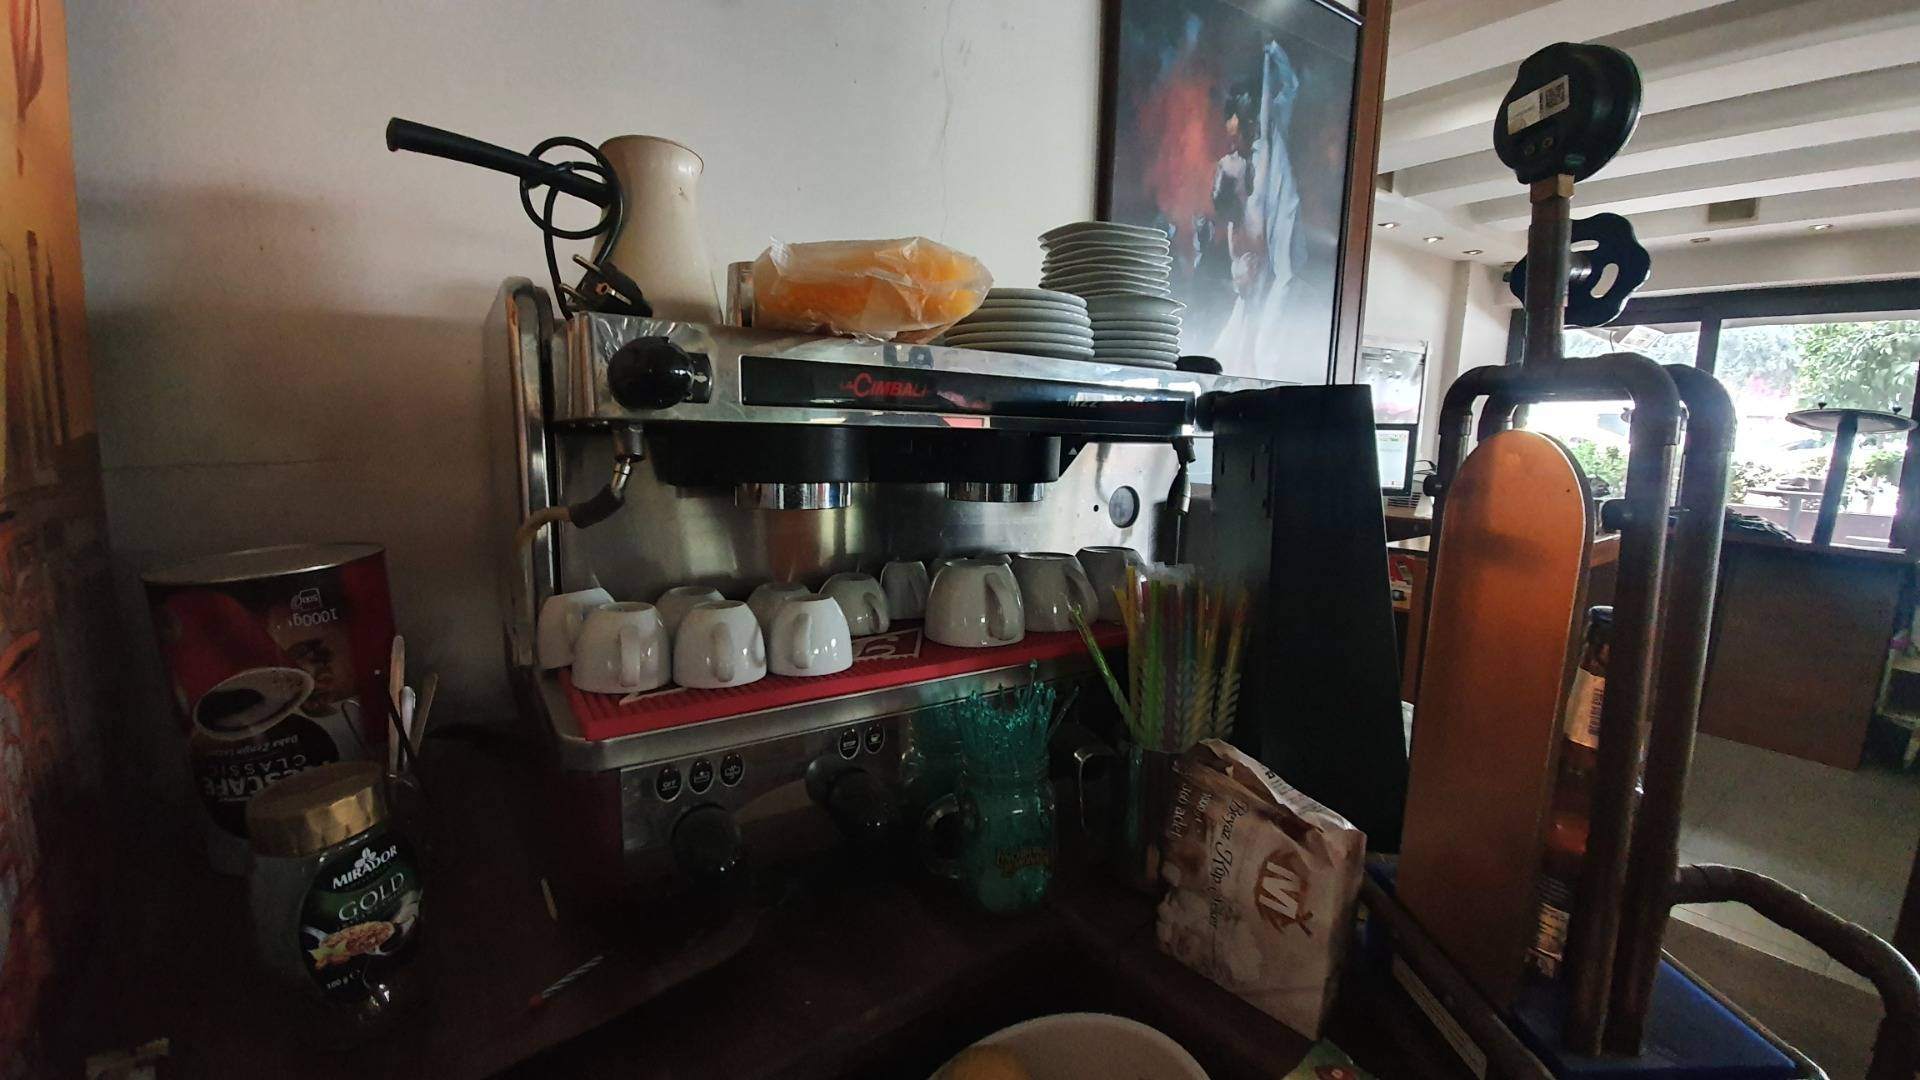 35 EMLAK'TAN İNÖNÜ CD ÜZERİNDE RUHSATLI EKİPMANLI SATILIK CAFE